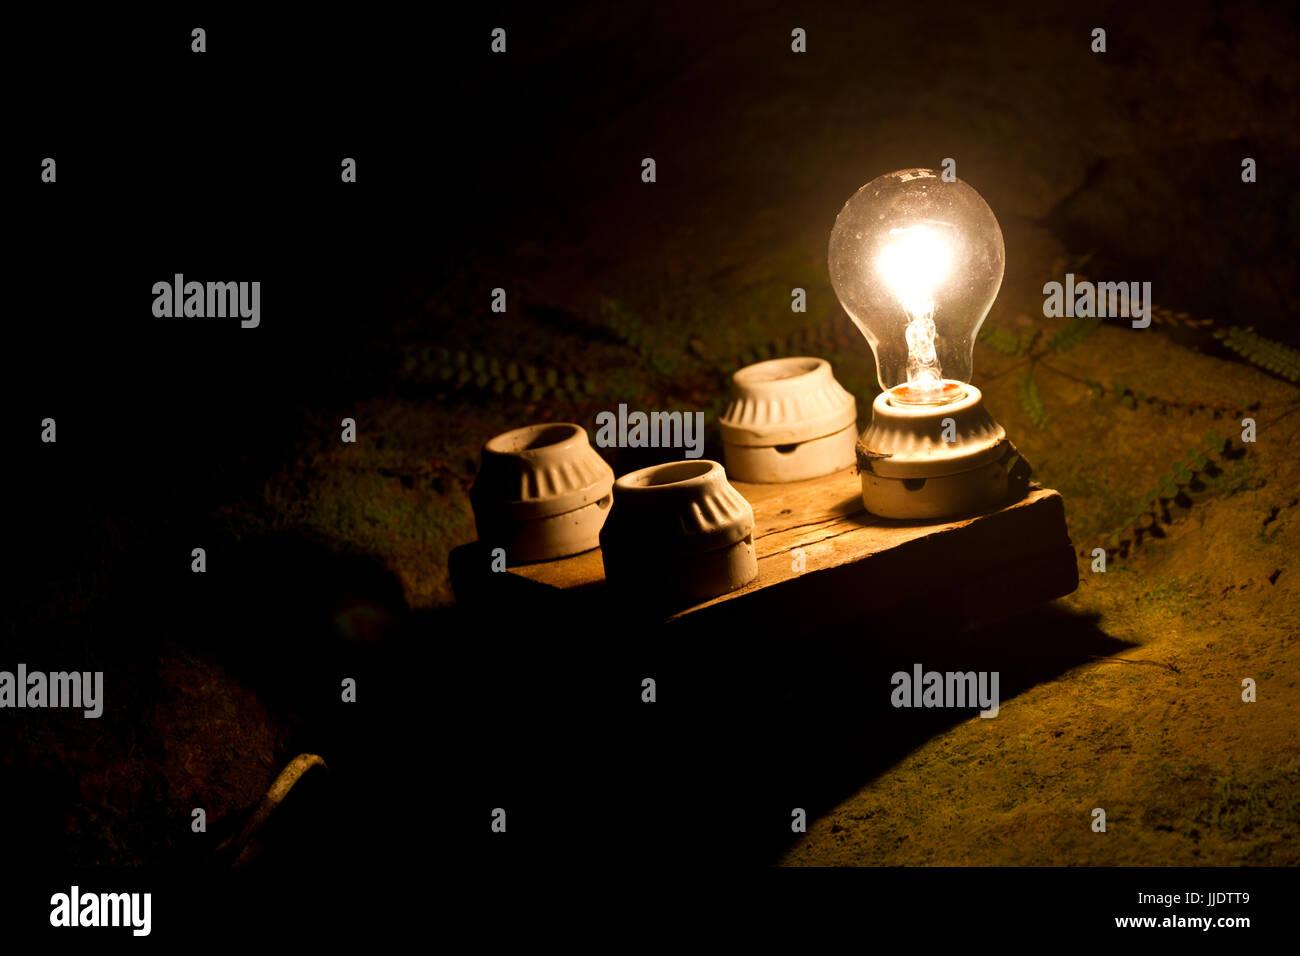 eine Glühbirne von vier anderen. Eine Metapher für die richtige Entscheidung. Stockbild